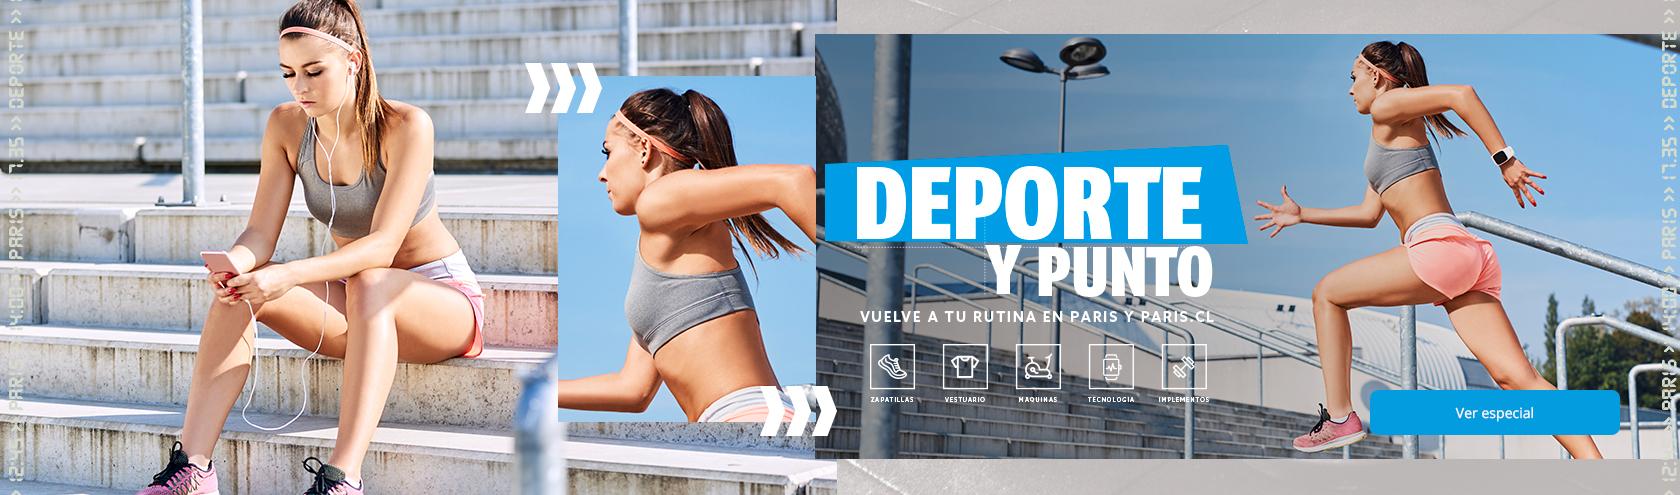 Deportes 360